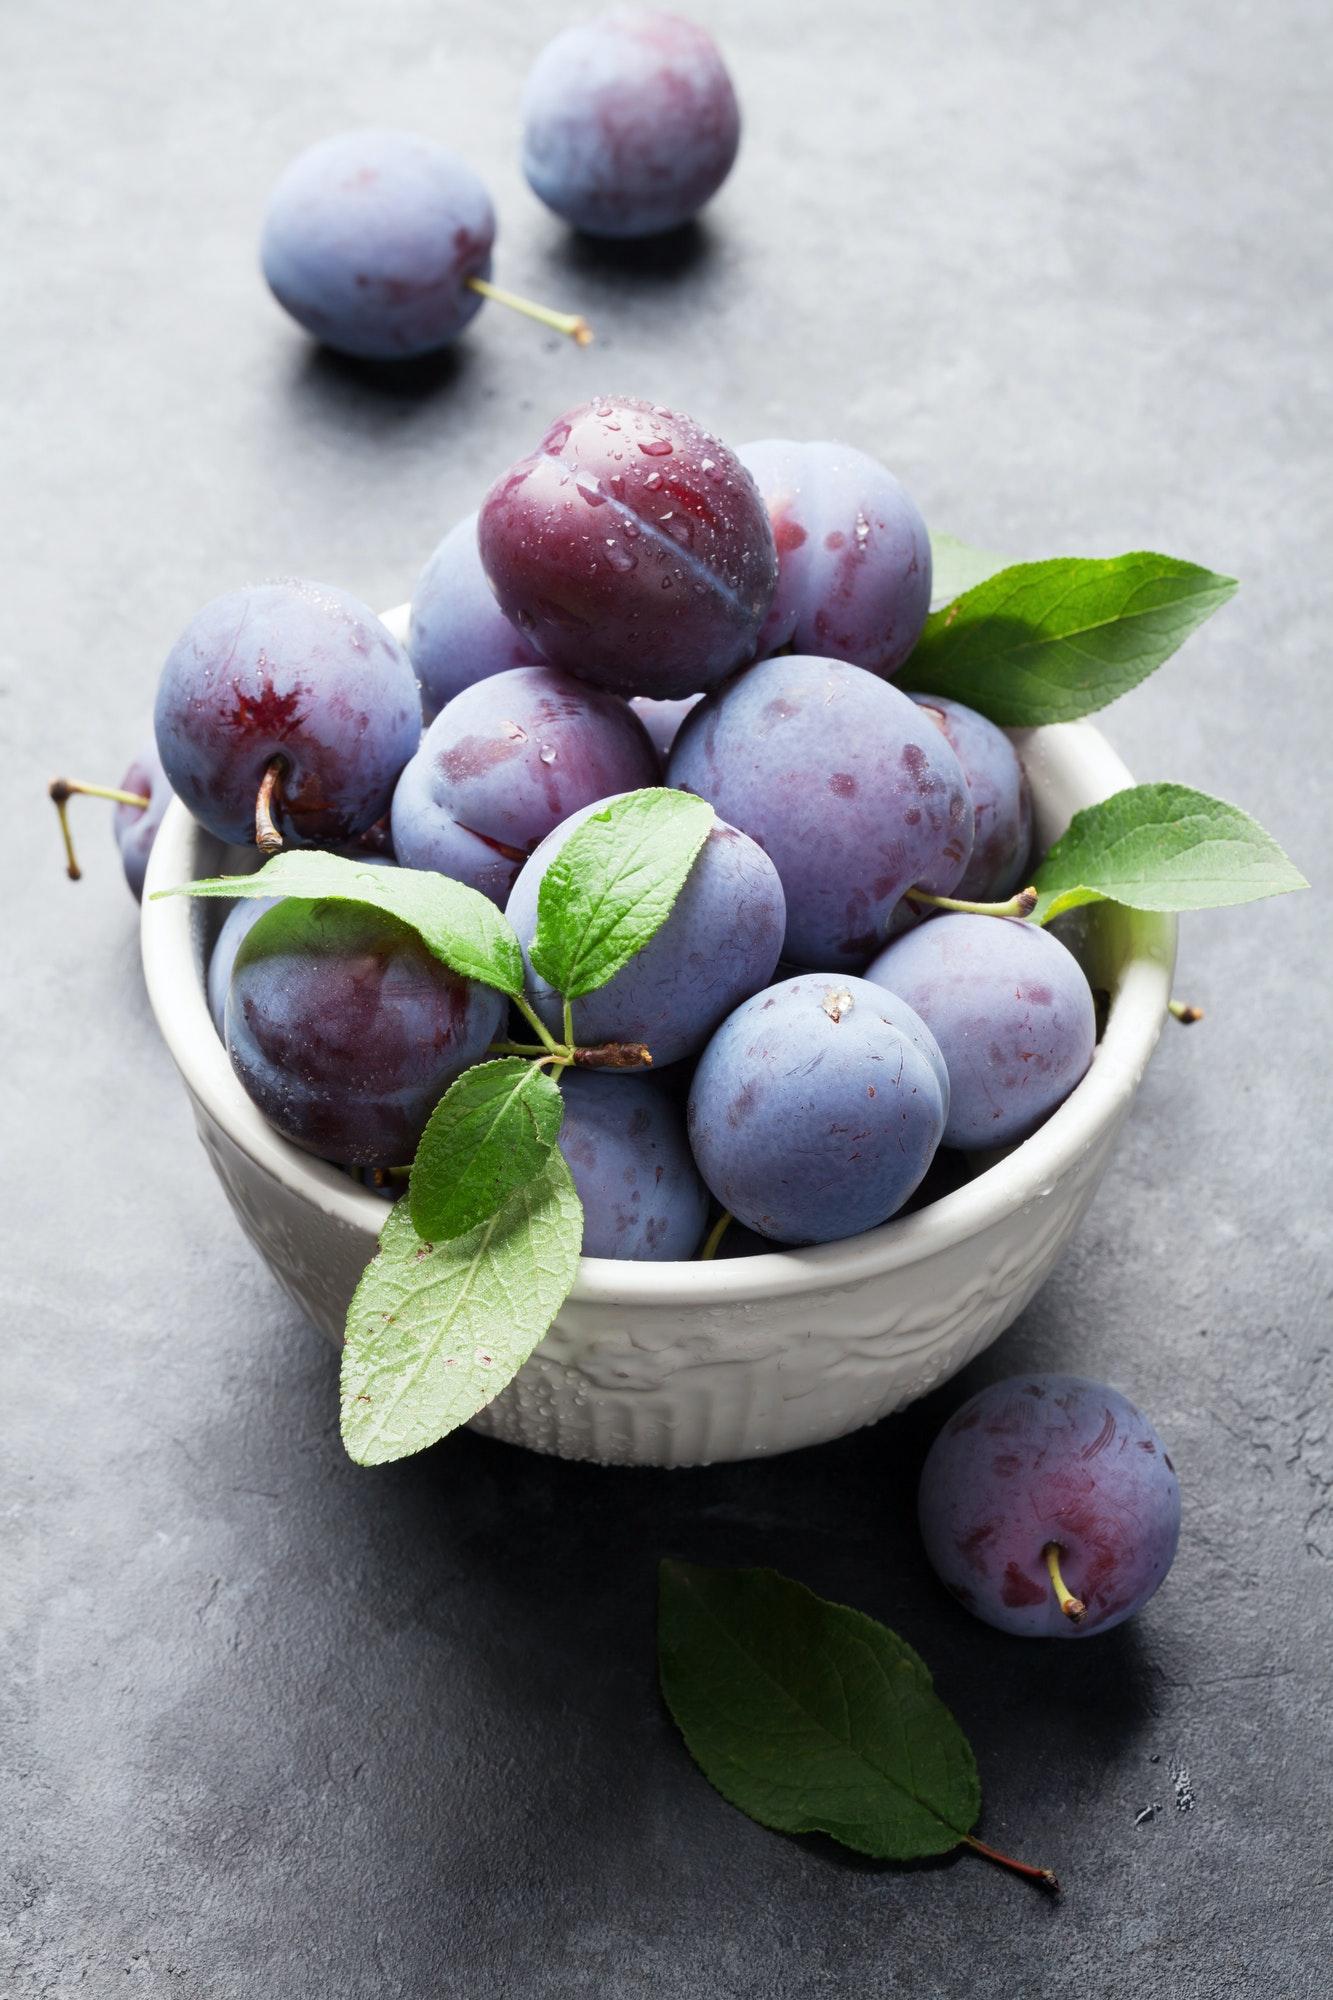 Garden plums